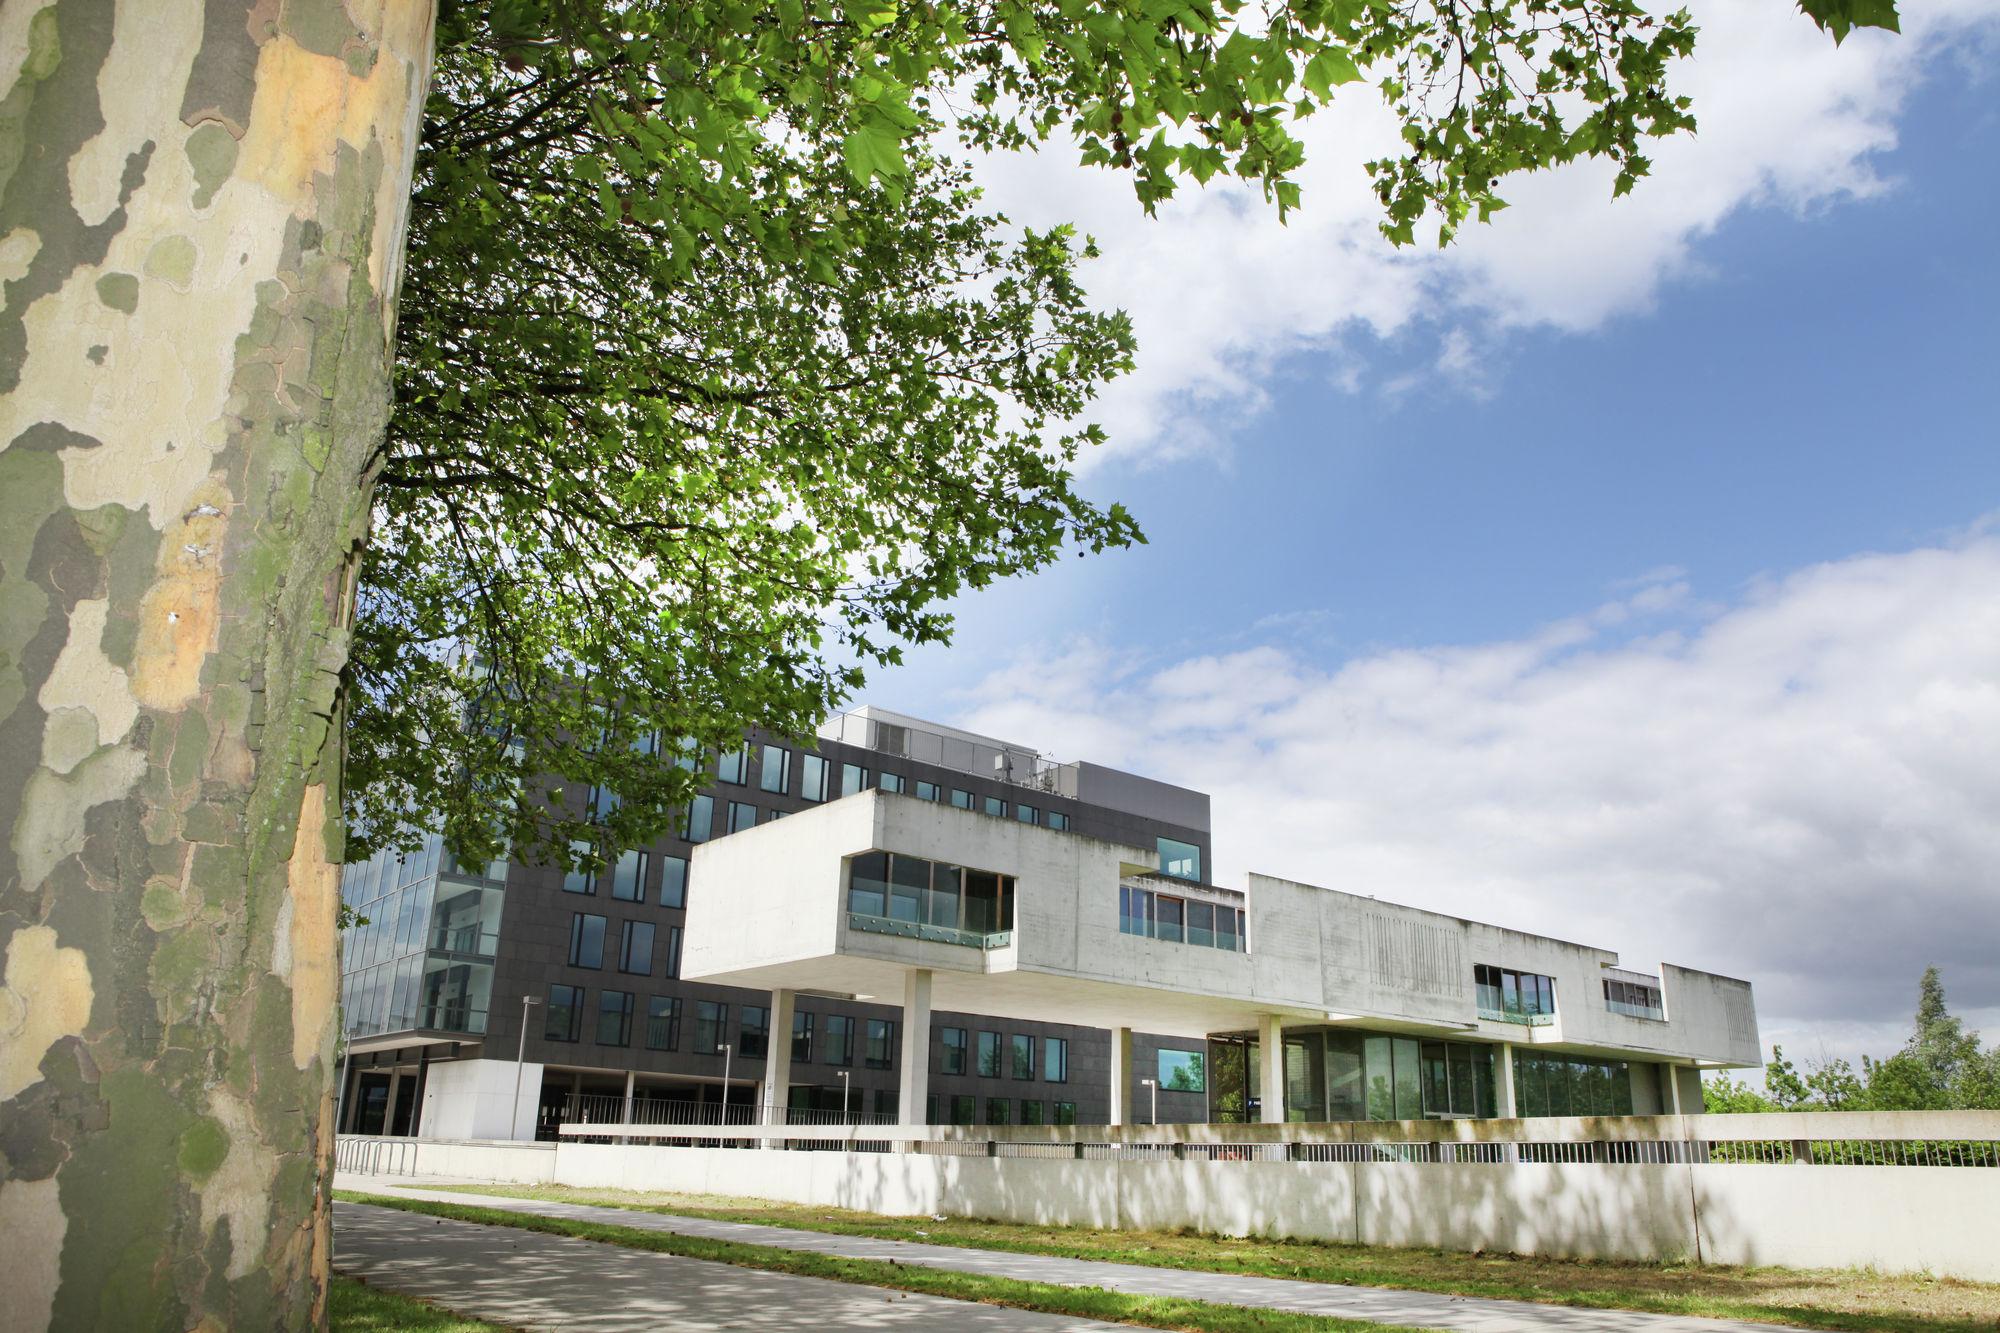 justitiepaleis en jeugdhuis (6)©Layla Aerts.jpg